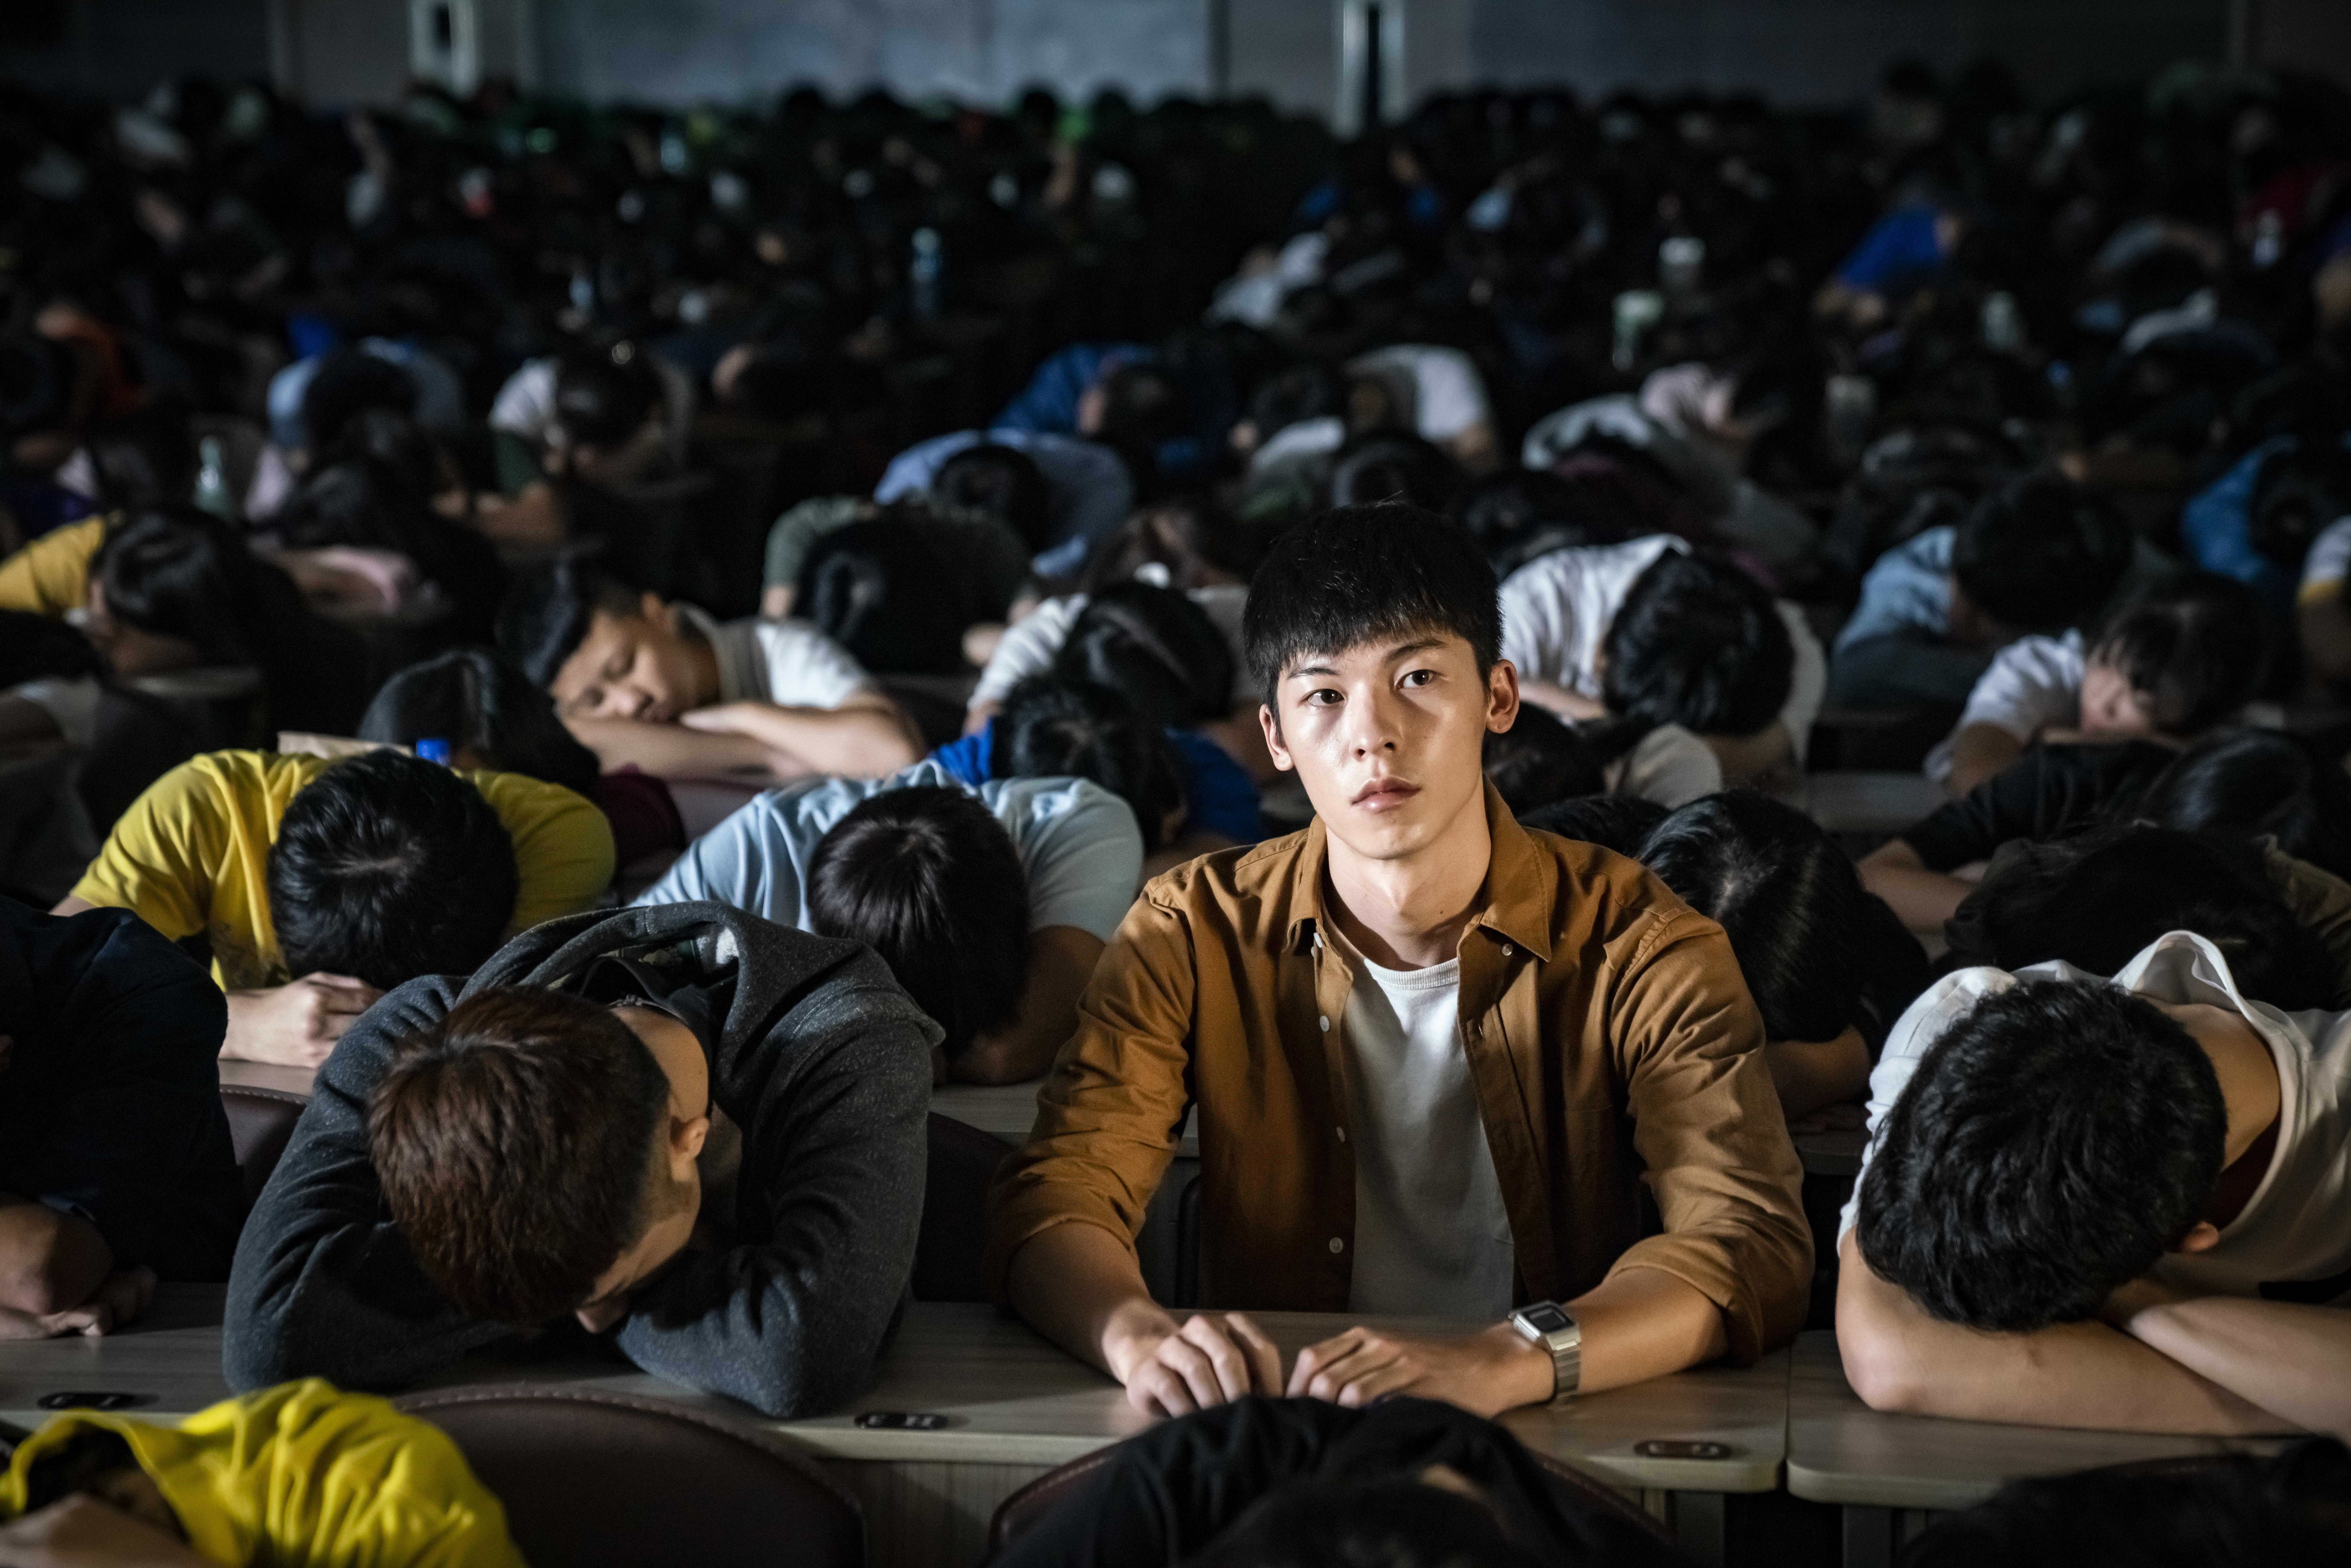 陳以文、巫建和、柯淑勤、劉冠廷、許光漢、温貞菱與尹馨主演的《陽光普照》